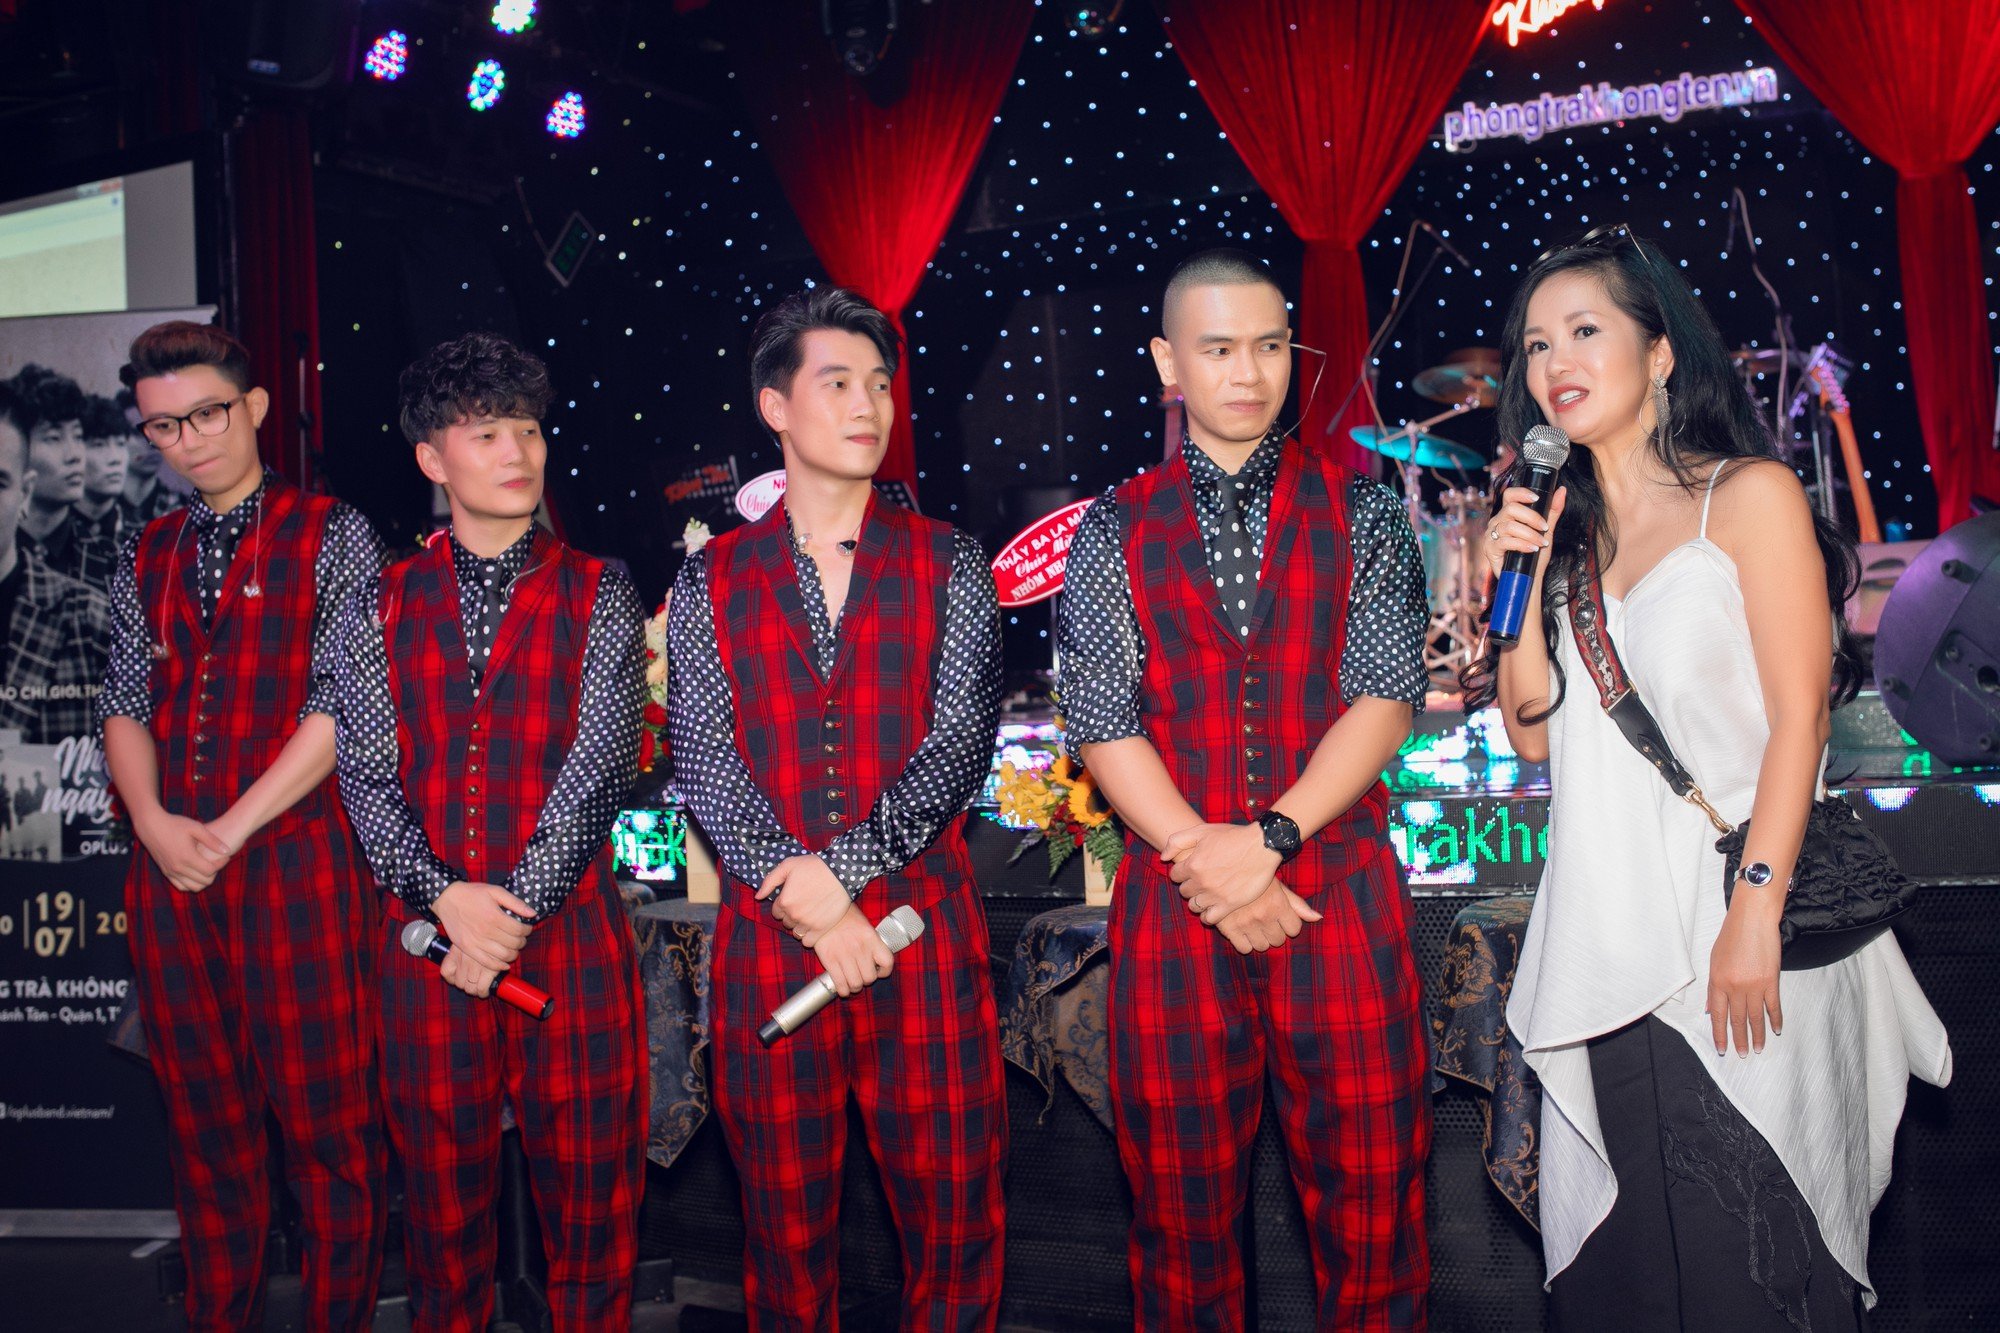 Diva Hồng Nhung hết lòng khen ngợi OPlus trong album nhạc xưa - Ảnh 3.